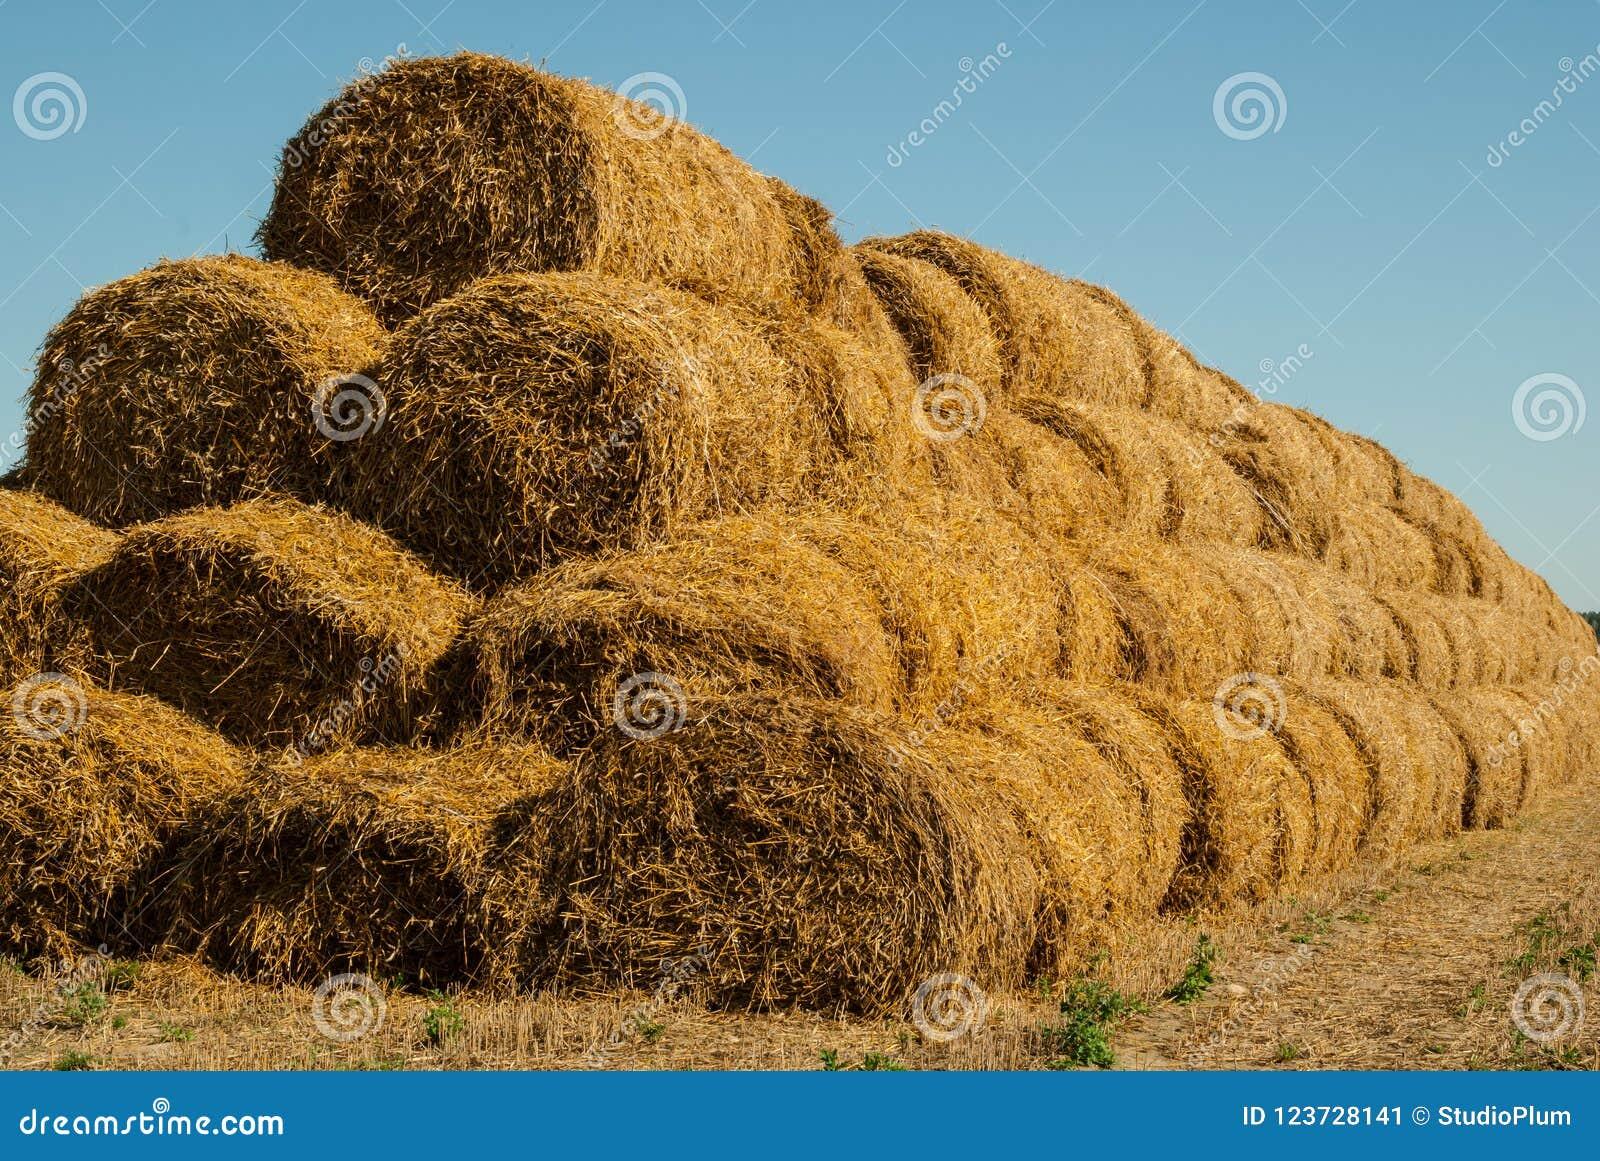 De achtergrond van de blauwe hemel en het gele stro, het de zomerlandschap, het oogsten zal ideaal gezien de achtergrond van insc